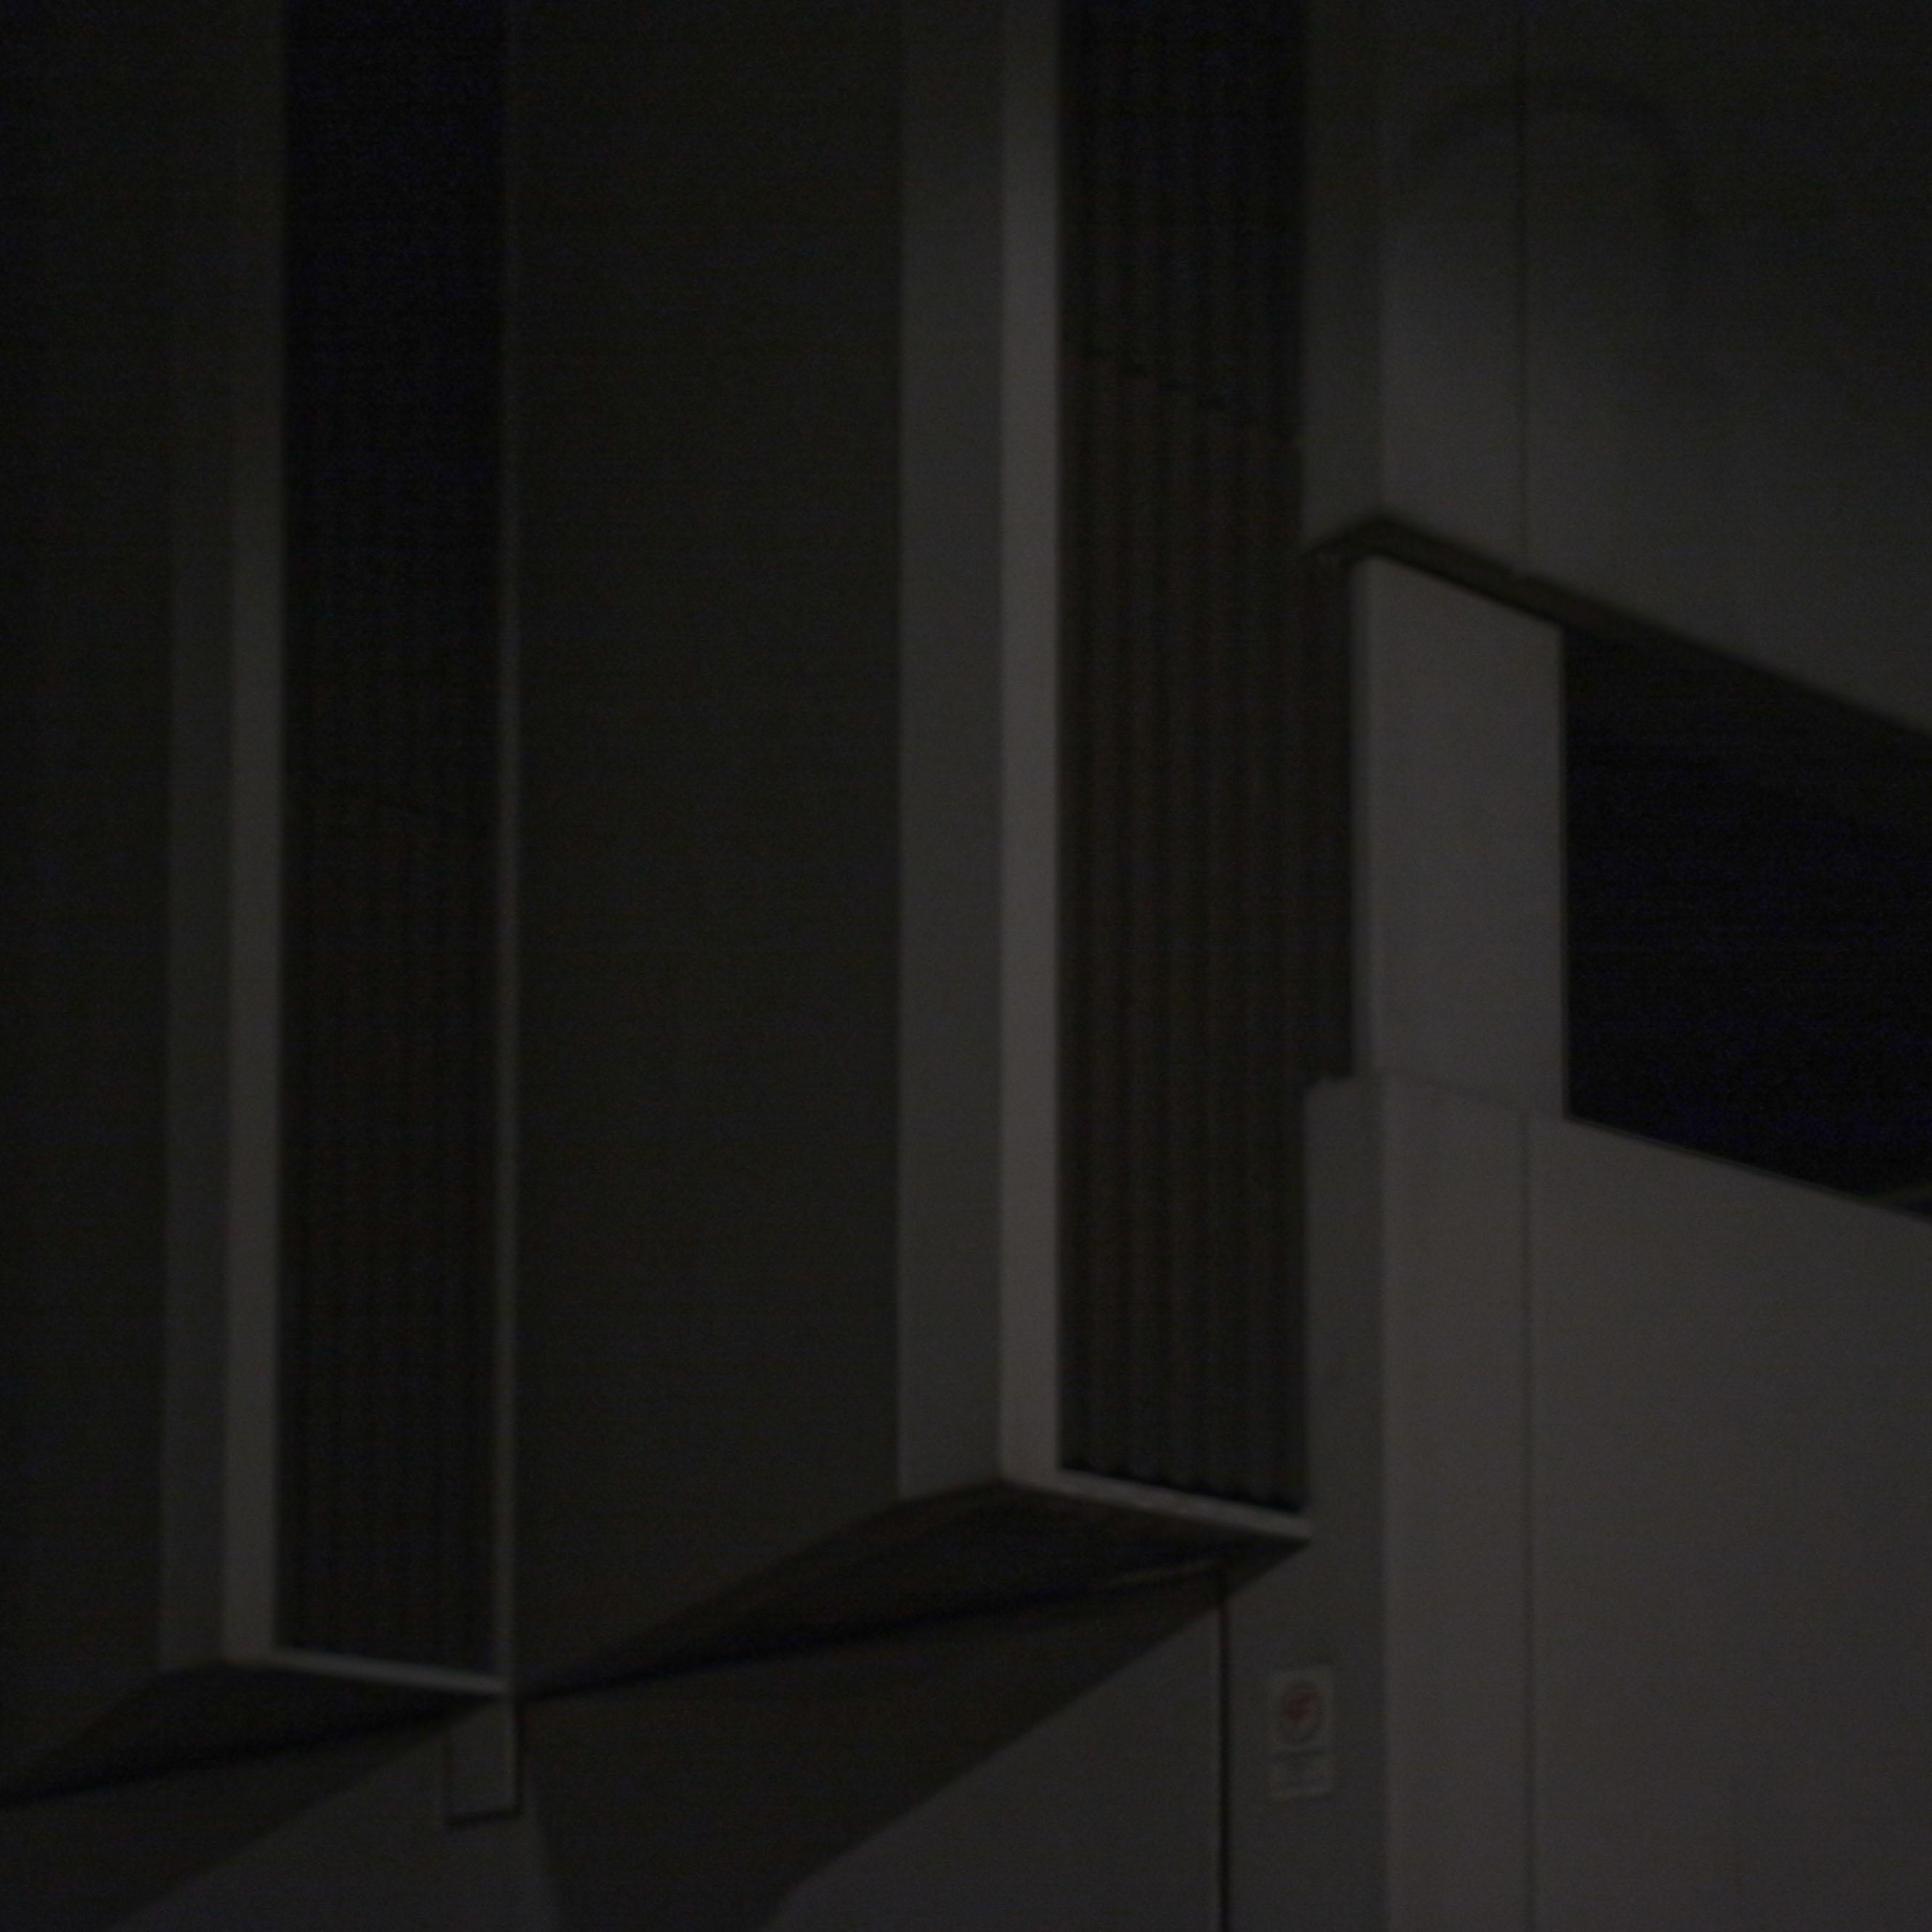 Night - 2